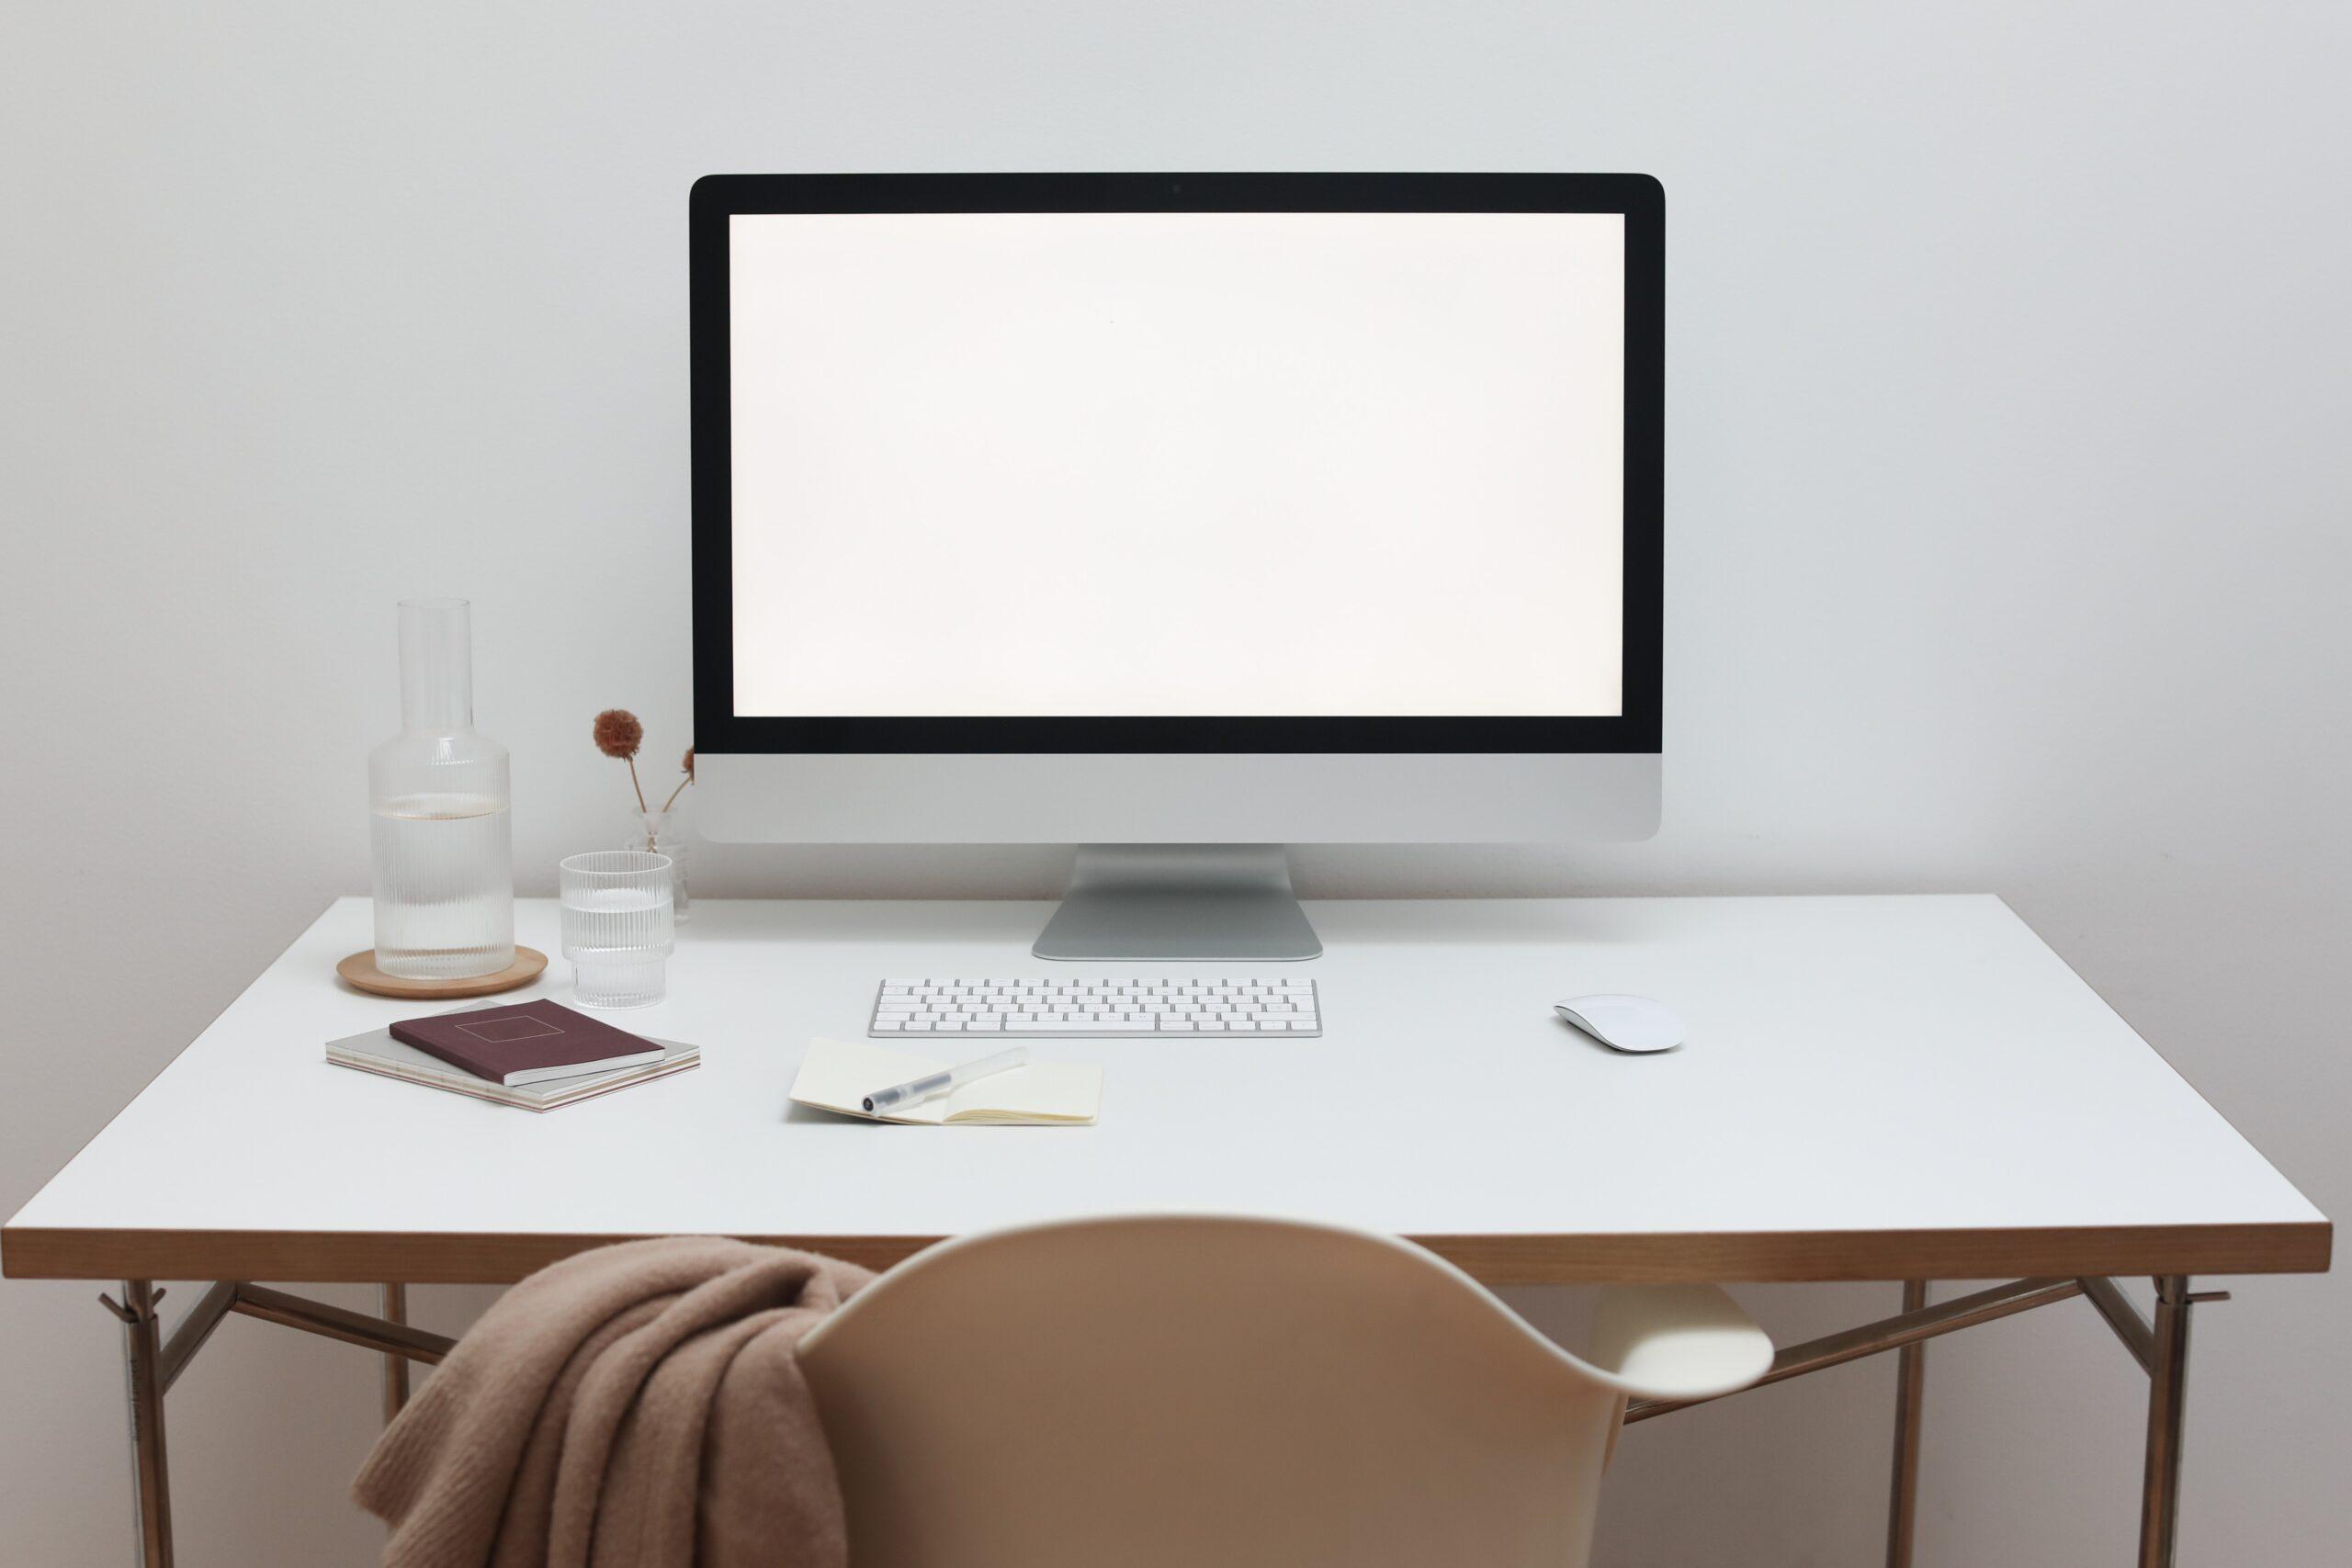 新入社員にとって働きやすい環境を実現するための方法